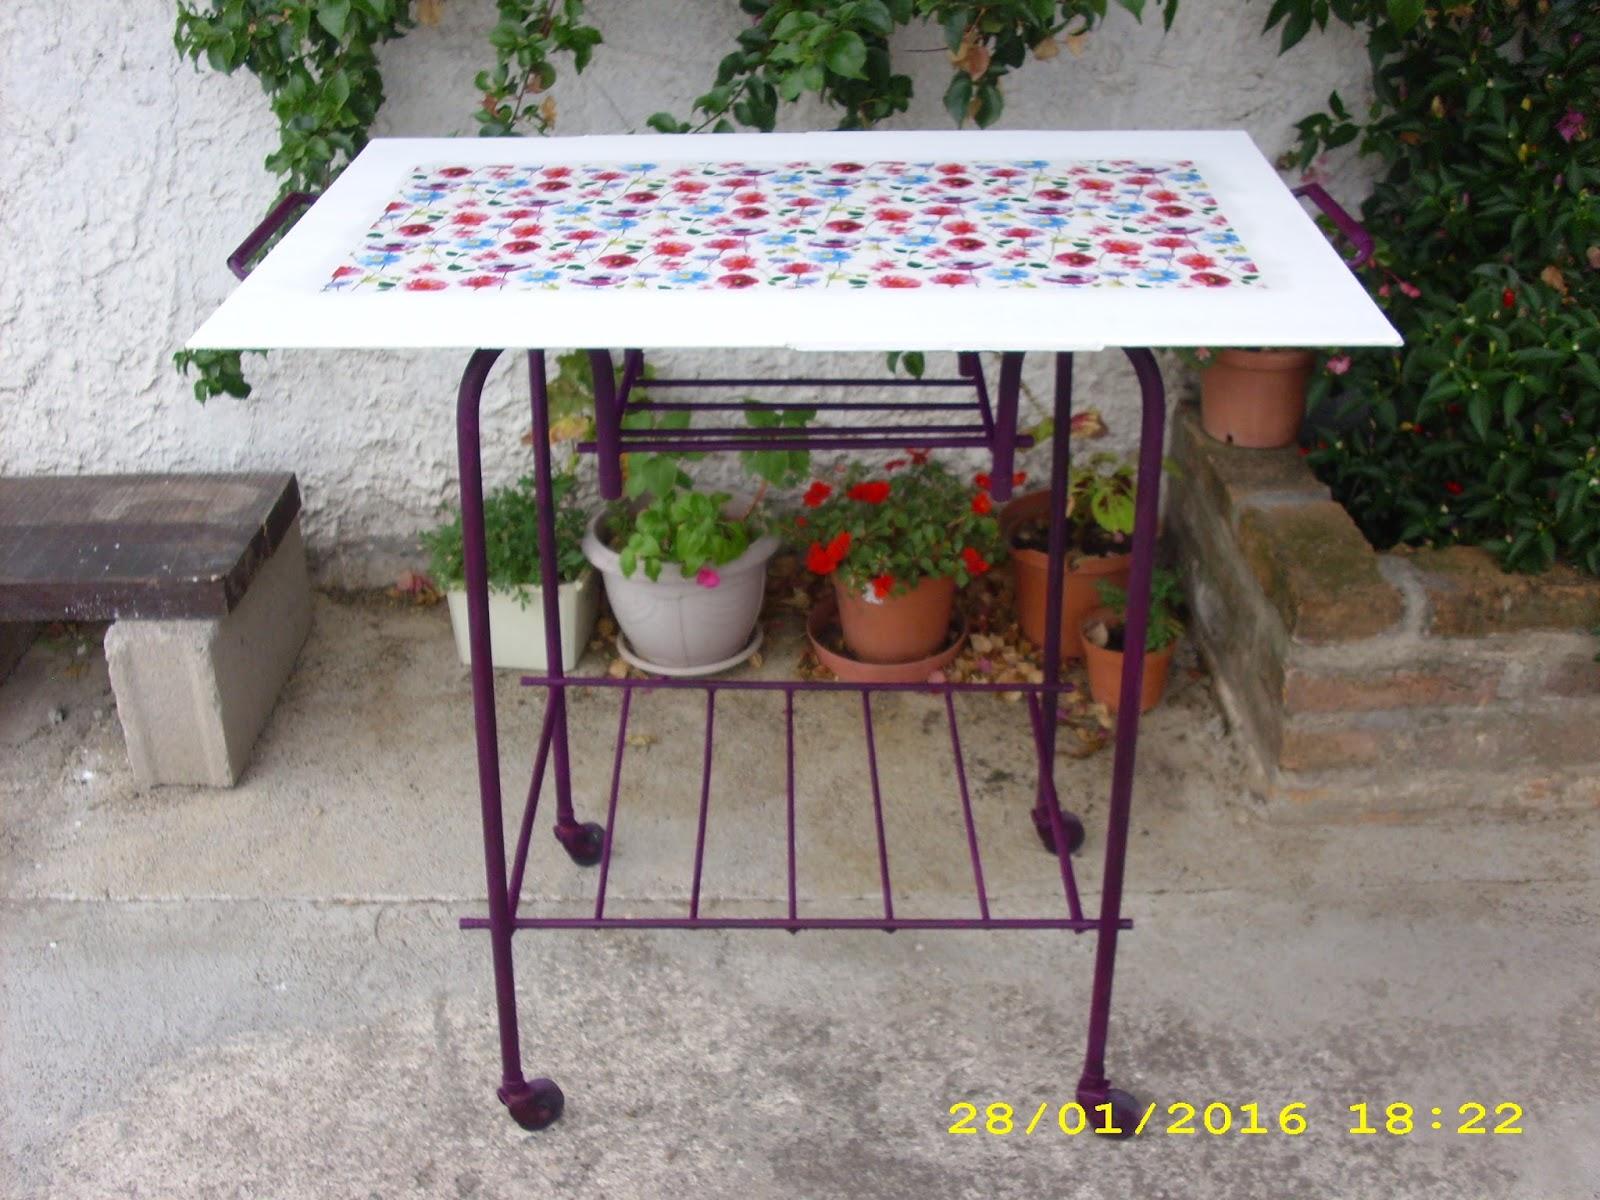 El taller de sof a reciclaje de una mesa de tv antigua for Como reciclar una mesa de televisor antigua